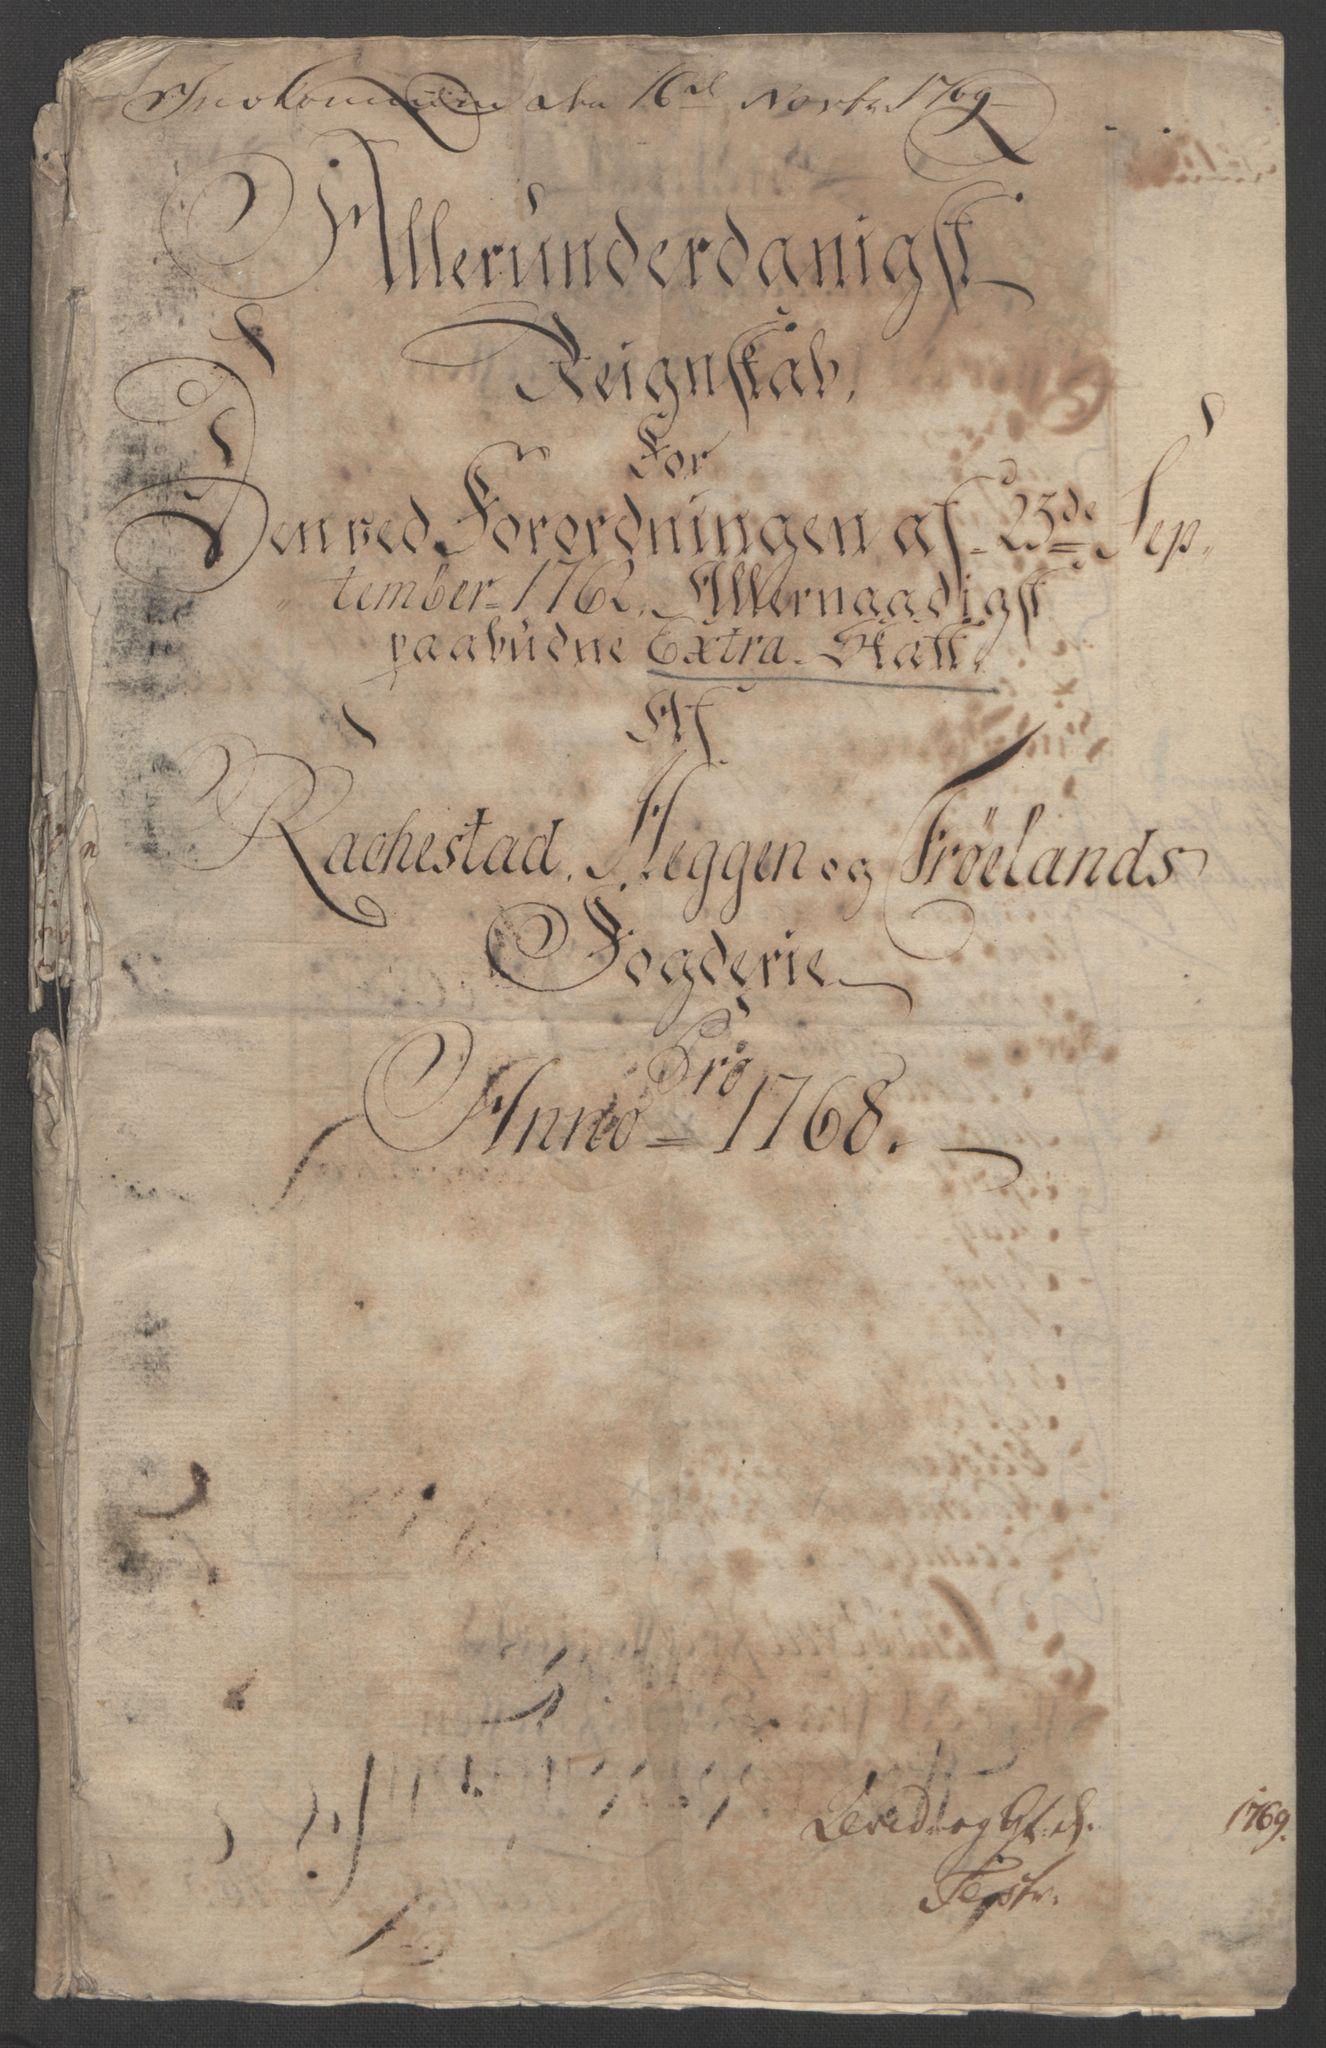 RA, Rentekammeret inntil 1814, Reviderte regnskaper, Fogderegnskap, R07/L0413: Ekstraskatten Rakkestad, Heggen og Frøland, 1762-1772, s. 365